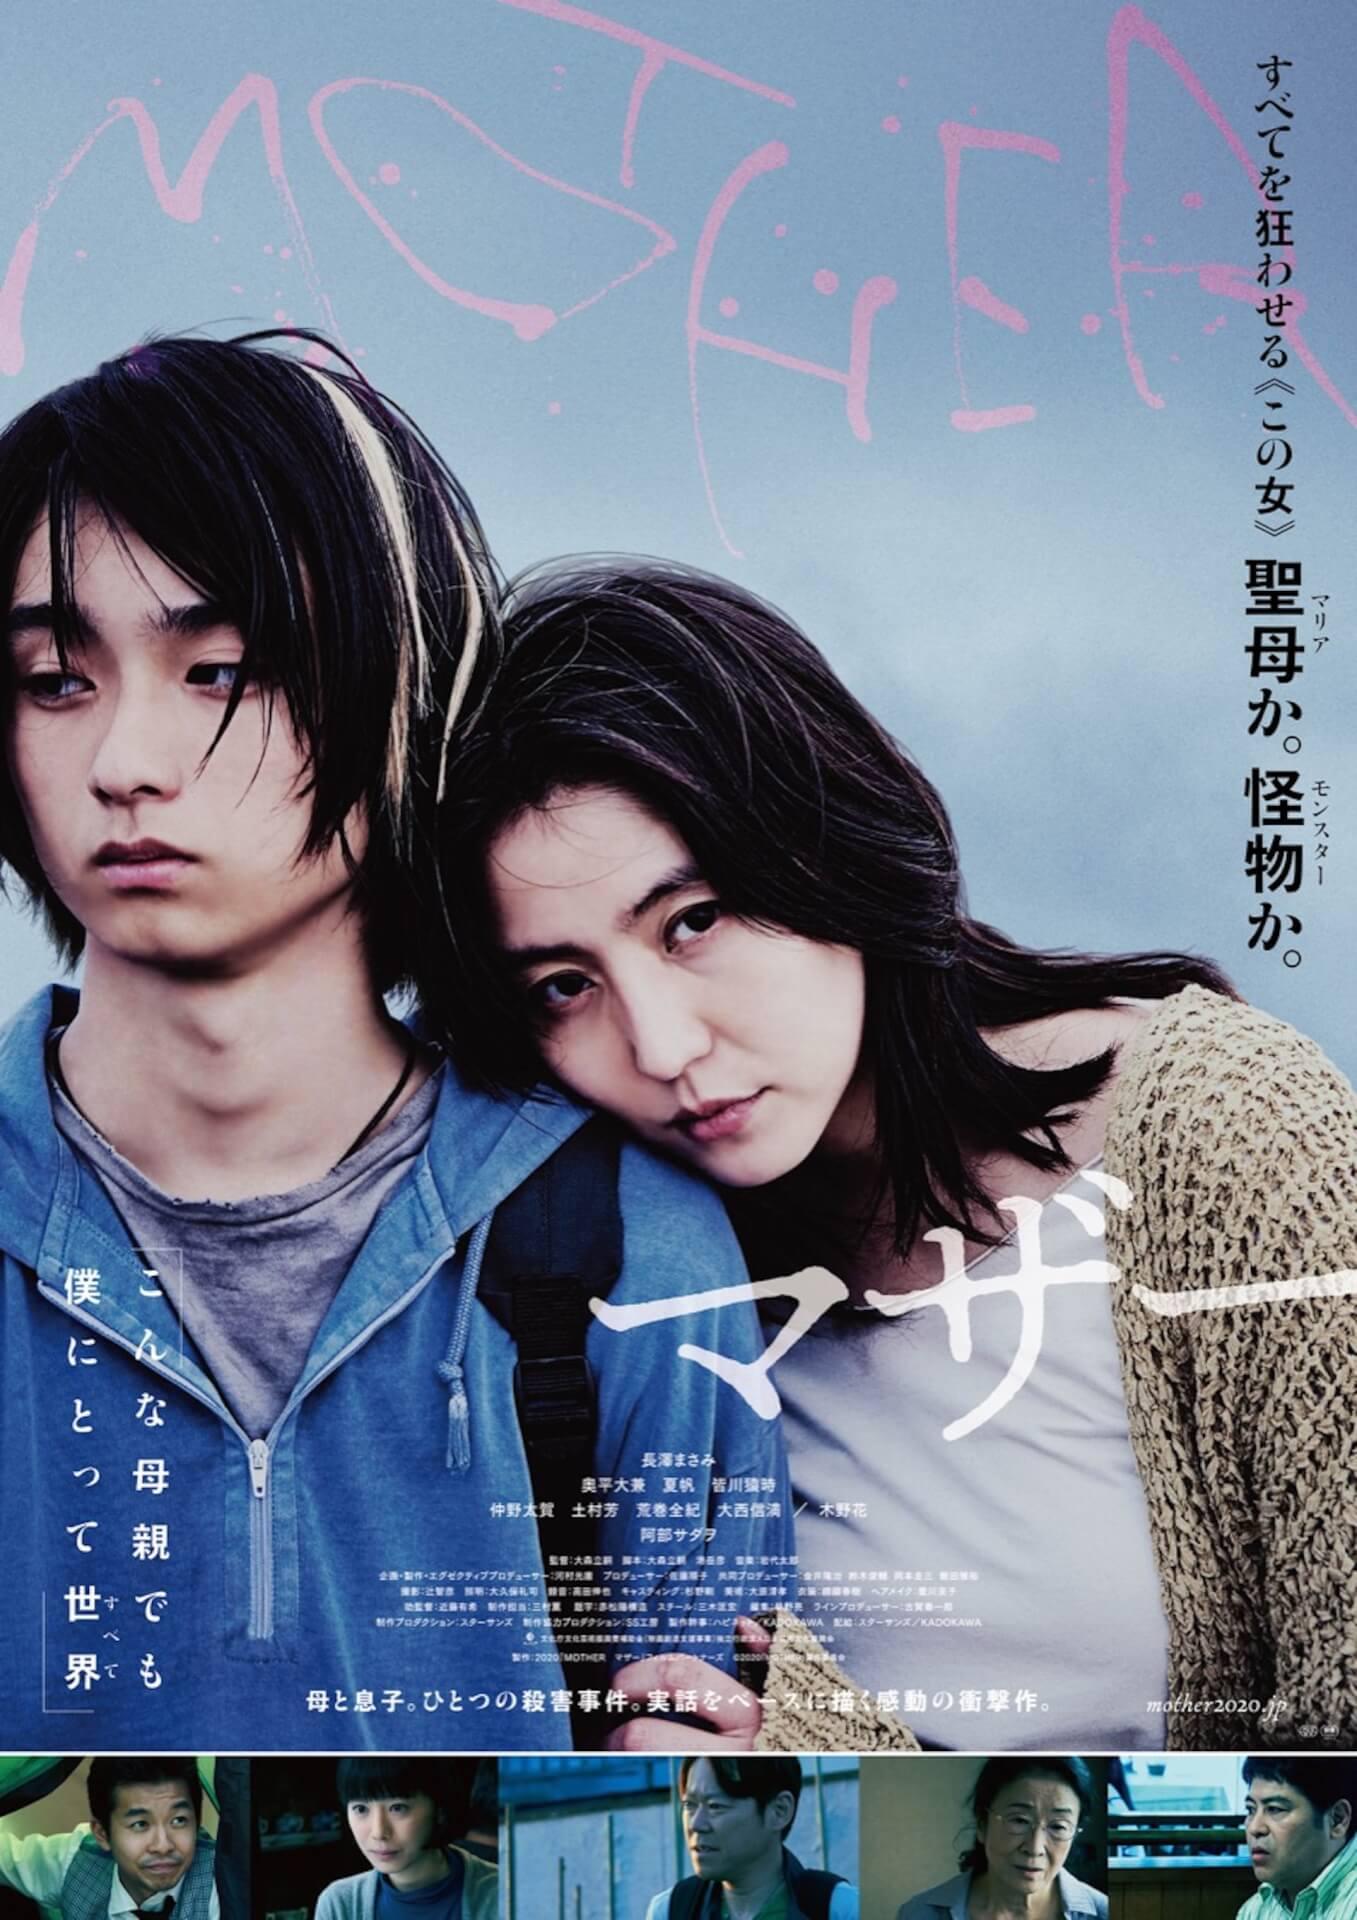 7月公開の映画で期待度が最も高いのは!?『WAVES/ウェイブス』『レイニーデイ・イン・ニューヨーク』などランクインの期待度ランキングがFilmarksで発表 film200630_movie_july_5